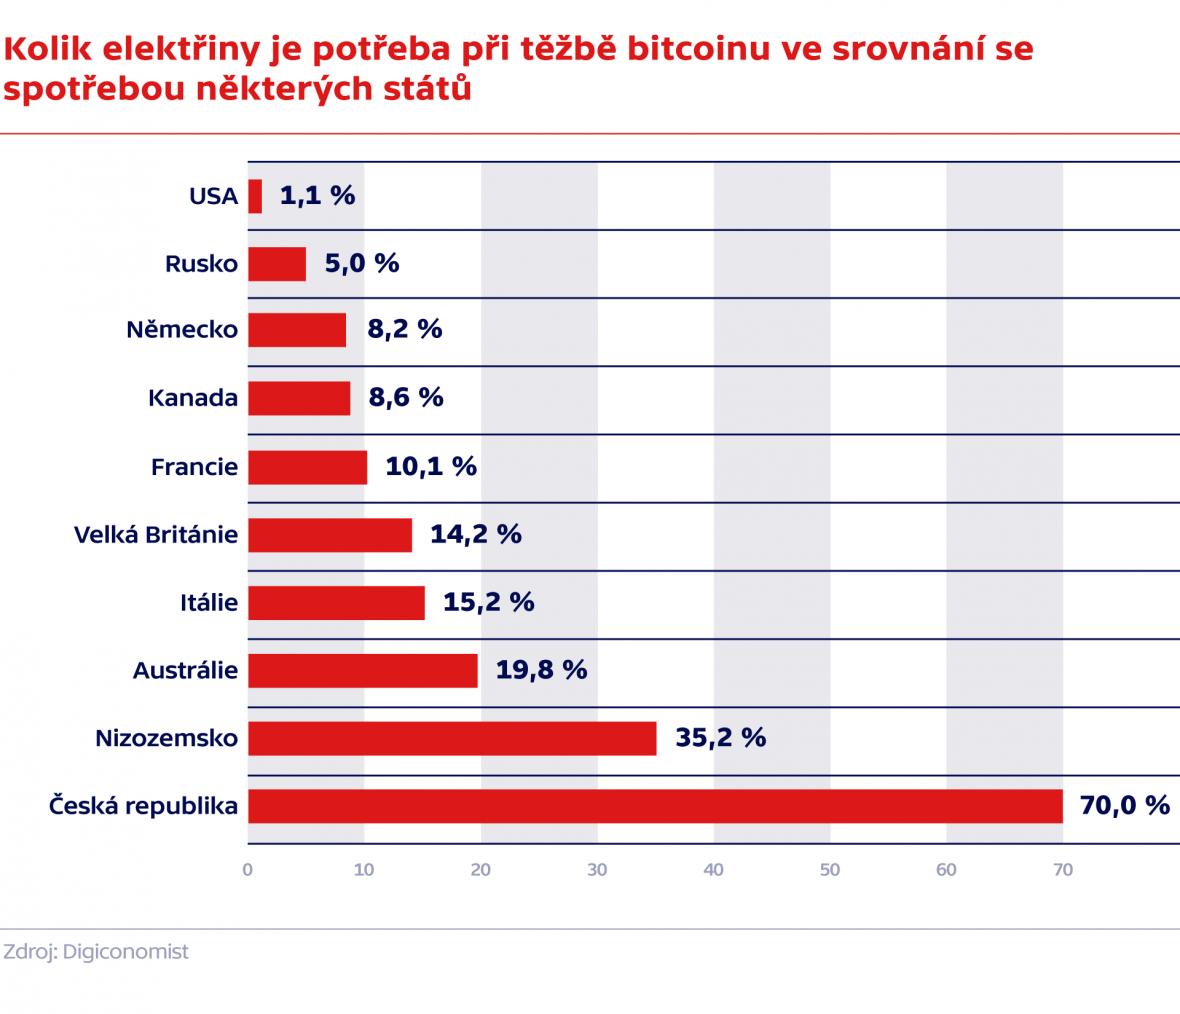 Kolik energie se spotřebuje při těžbě bitcoinu v porovnání s některými národy